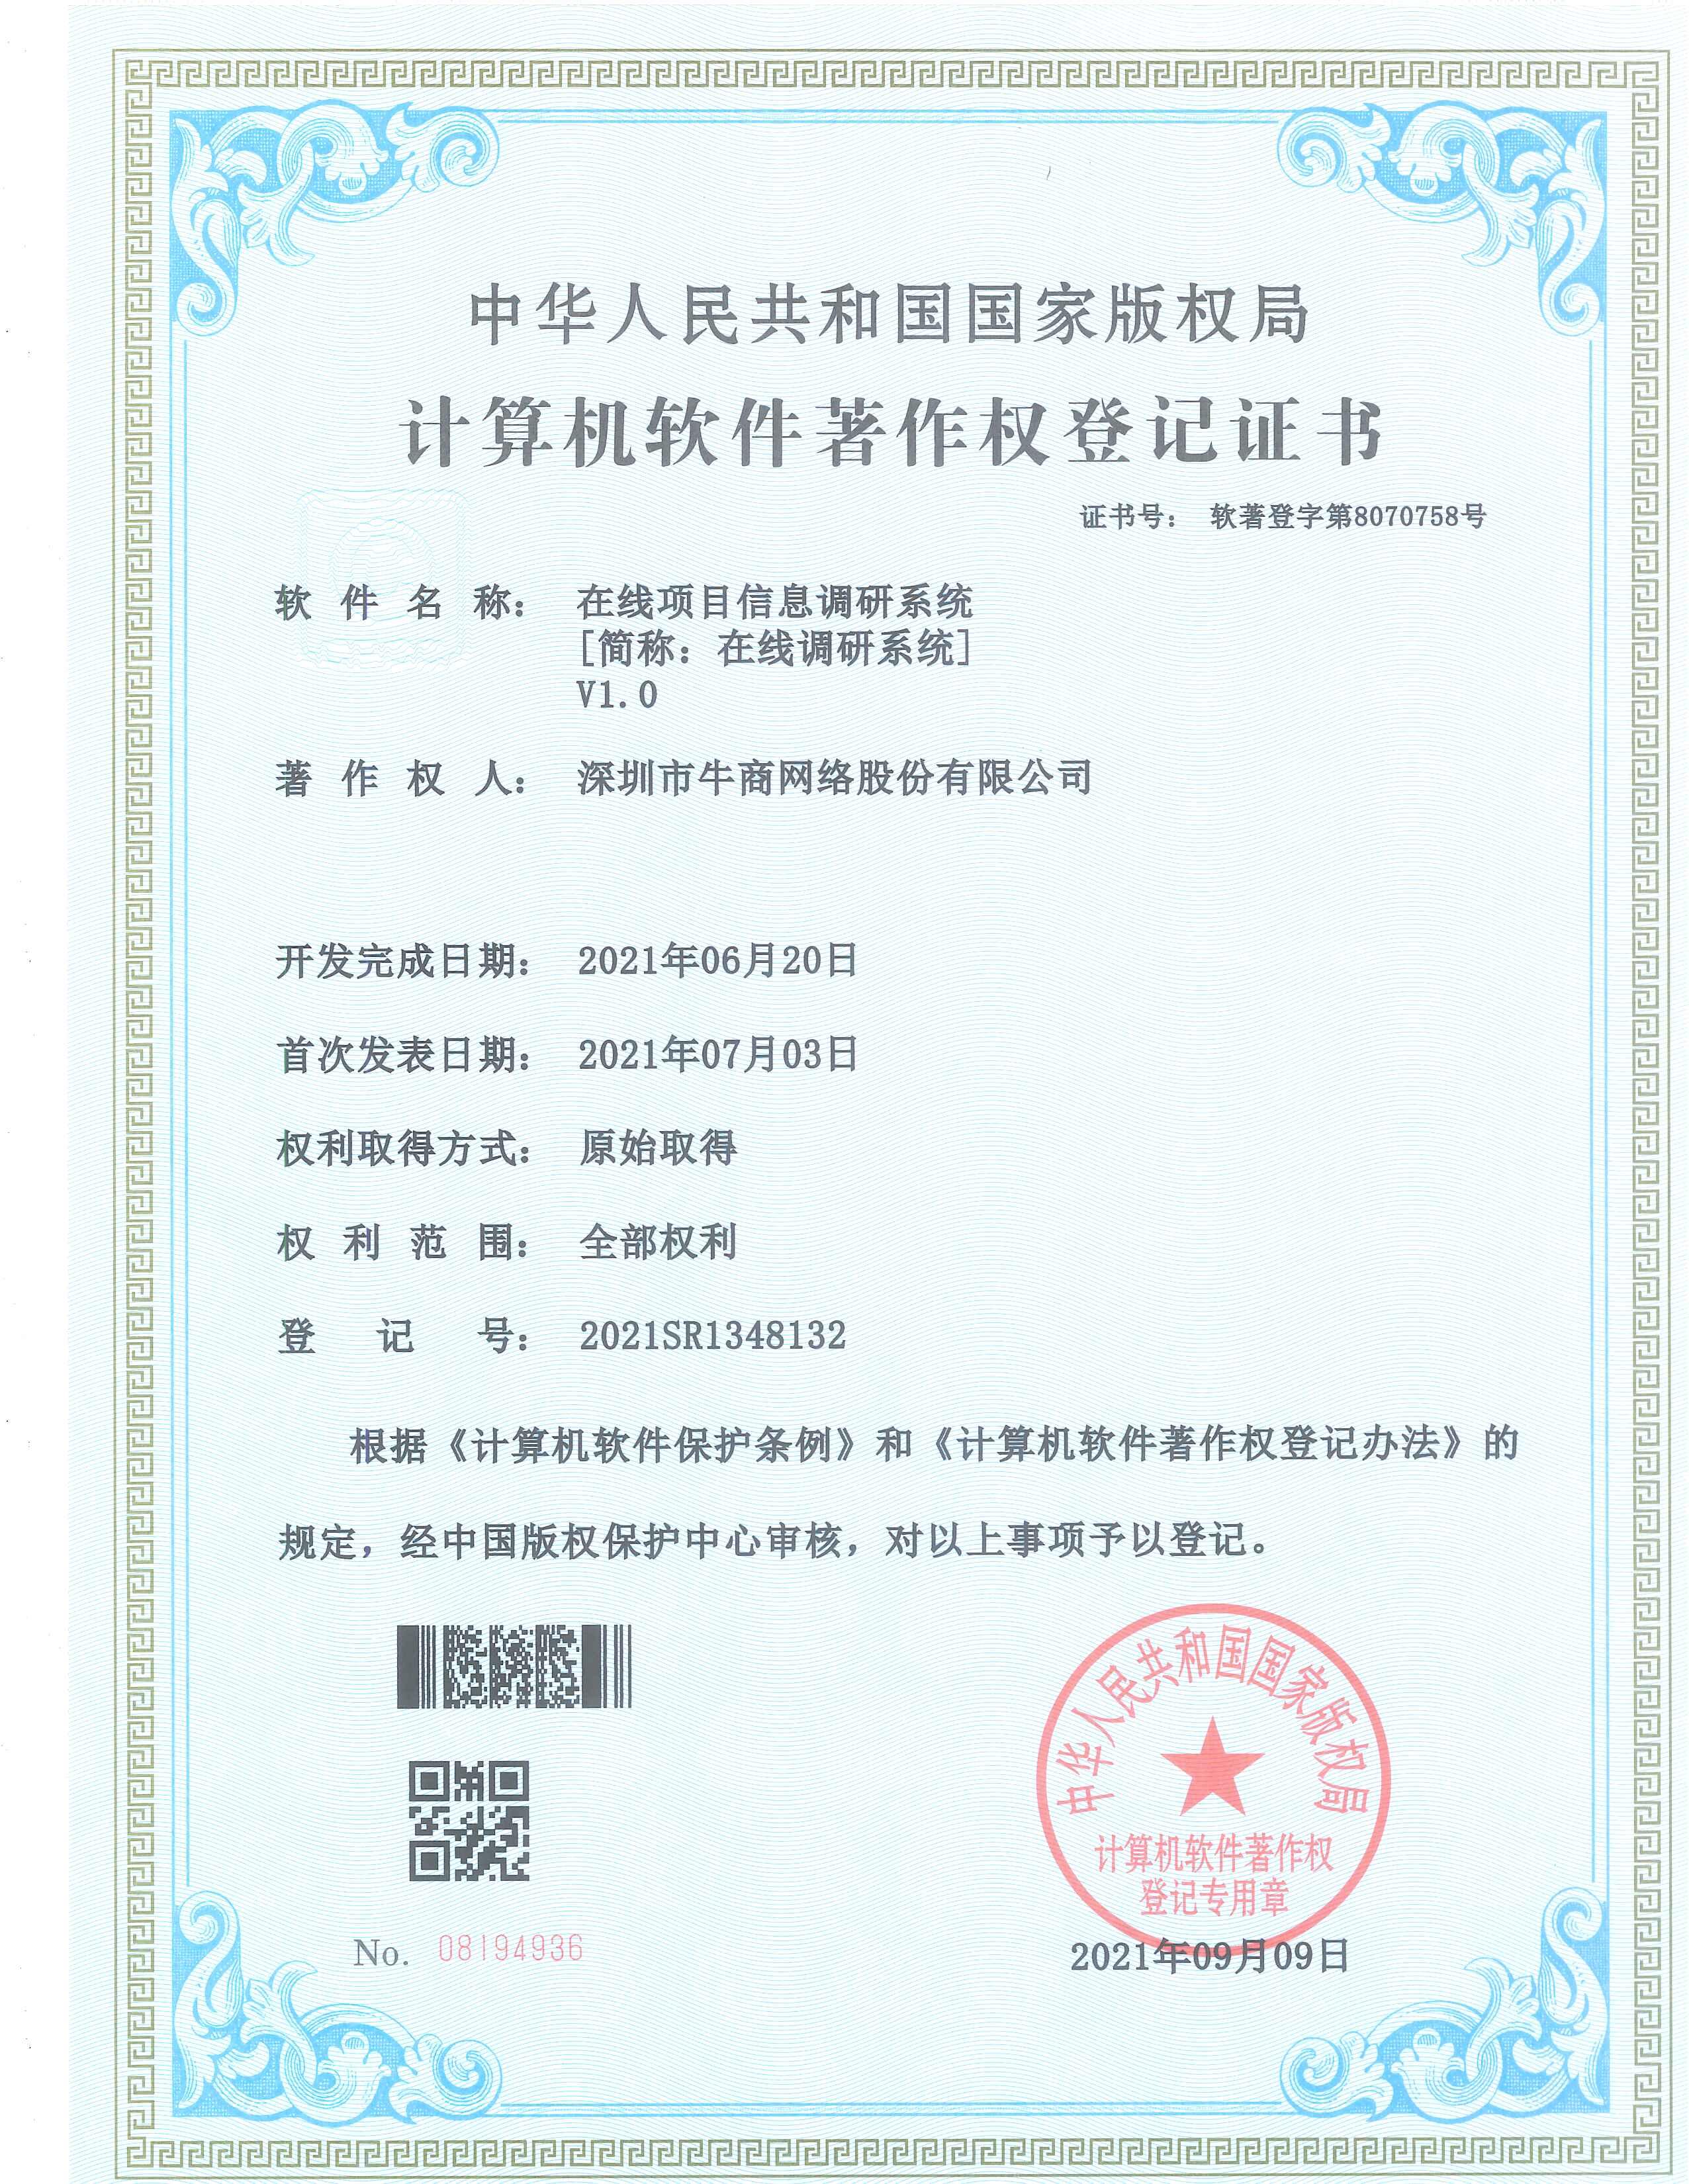 在线项目信息调研系统证书